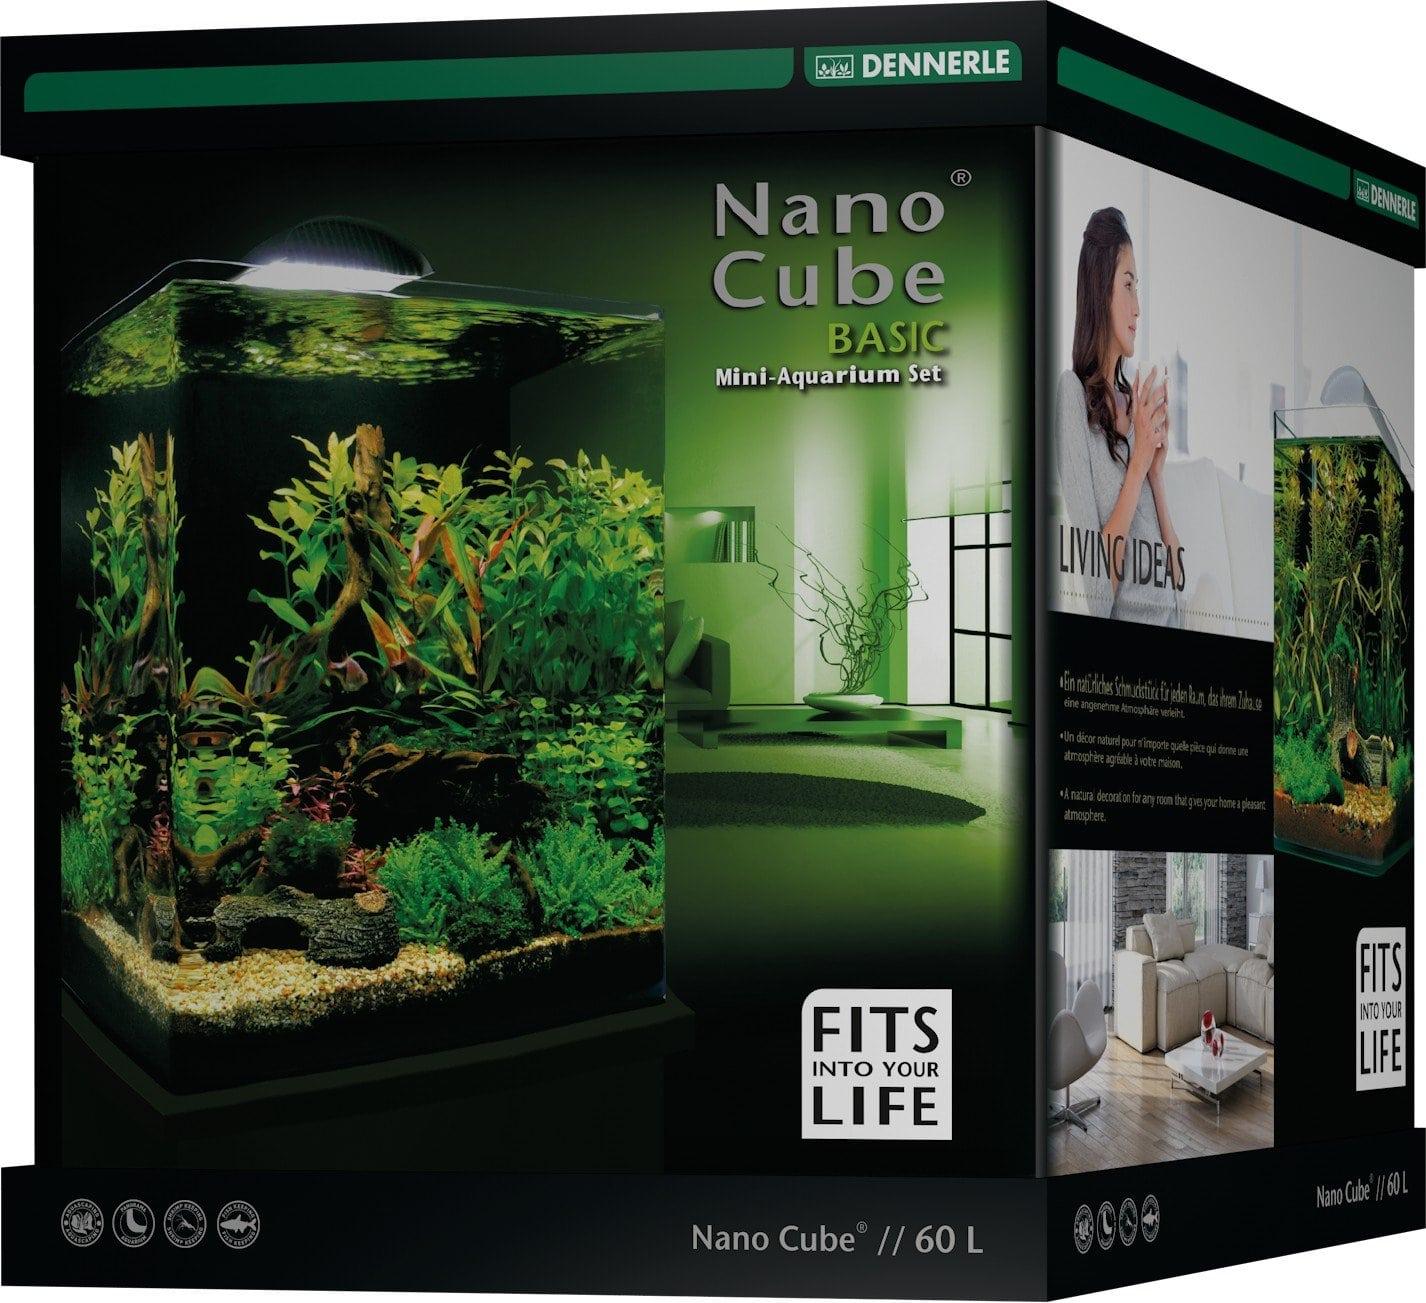 DENNERLE Nano Cube Basic 60 L nano-aquarium 38 x 38 x 43 cm avec filtration et éclairage Style LED L